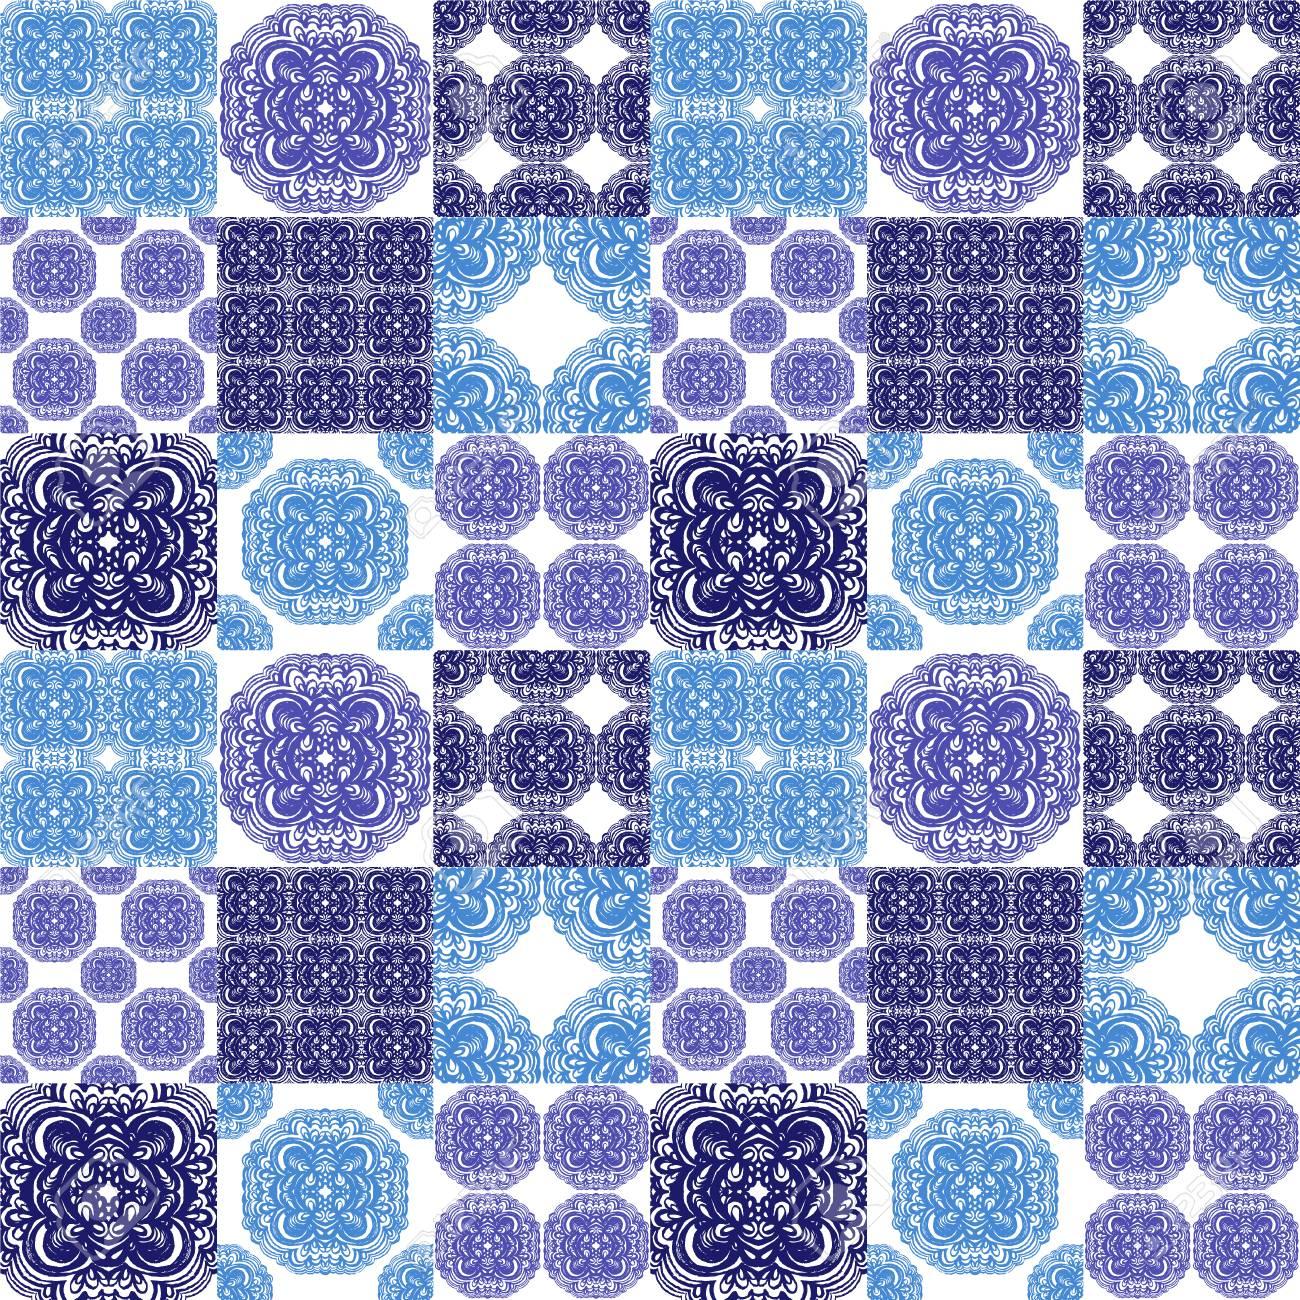 青と白の色でモロッコのタイル装飾 壁紙 テキスタイル パターン塗りつぶし 別の面 Web サイトのページの背景に使用できます の写真素材 画像素材 Image